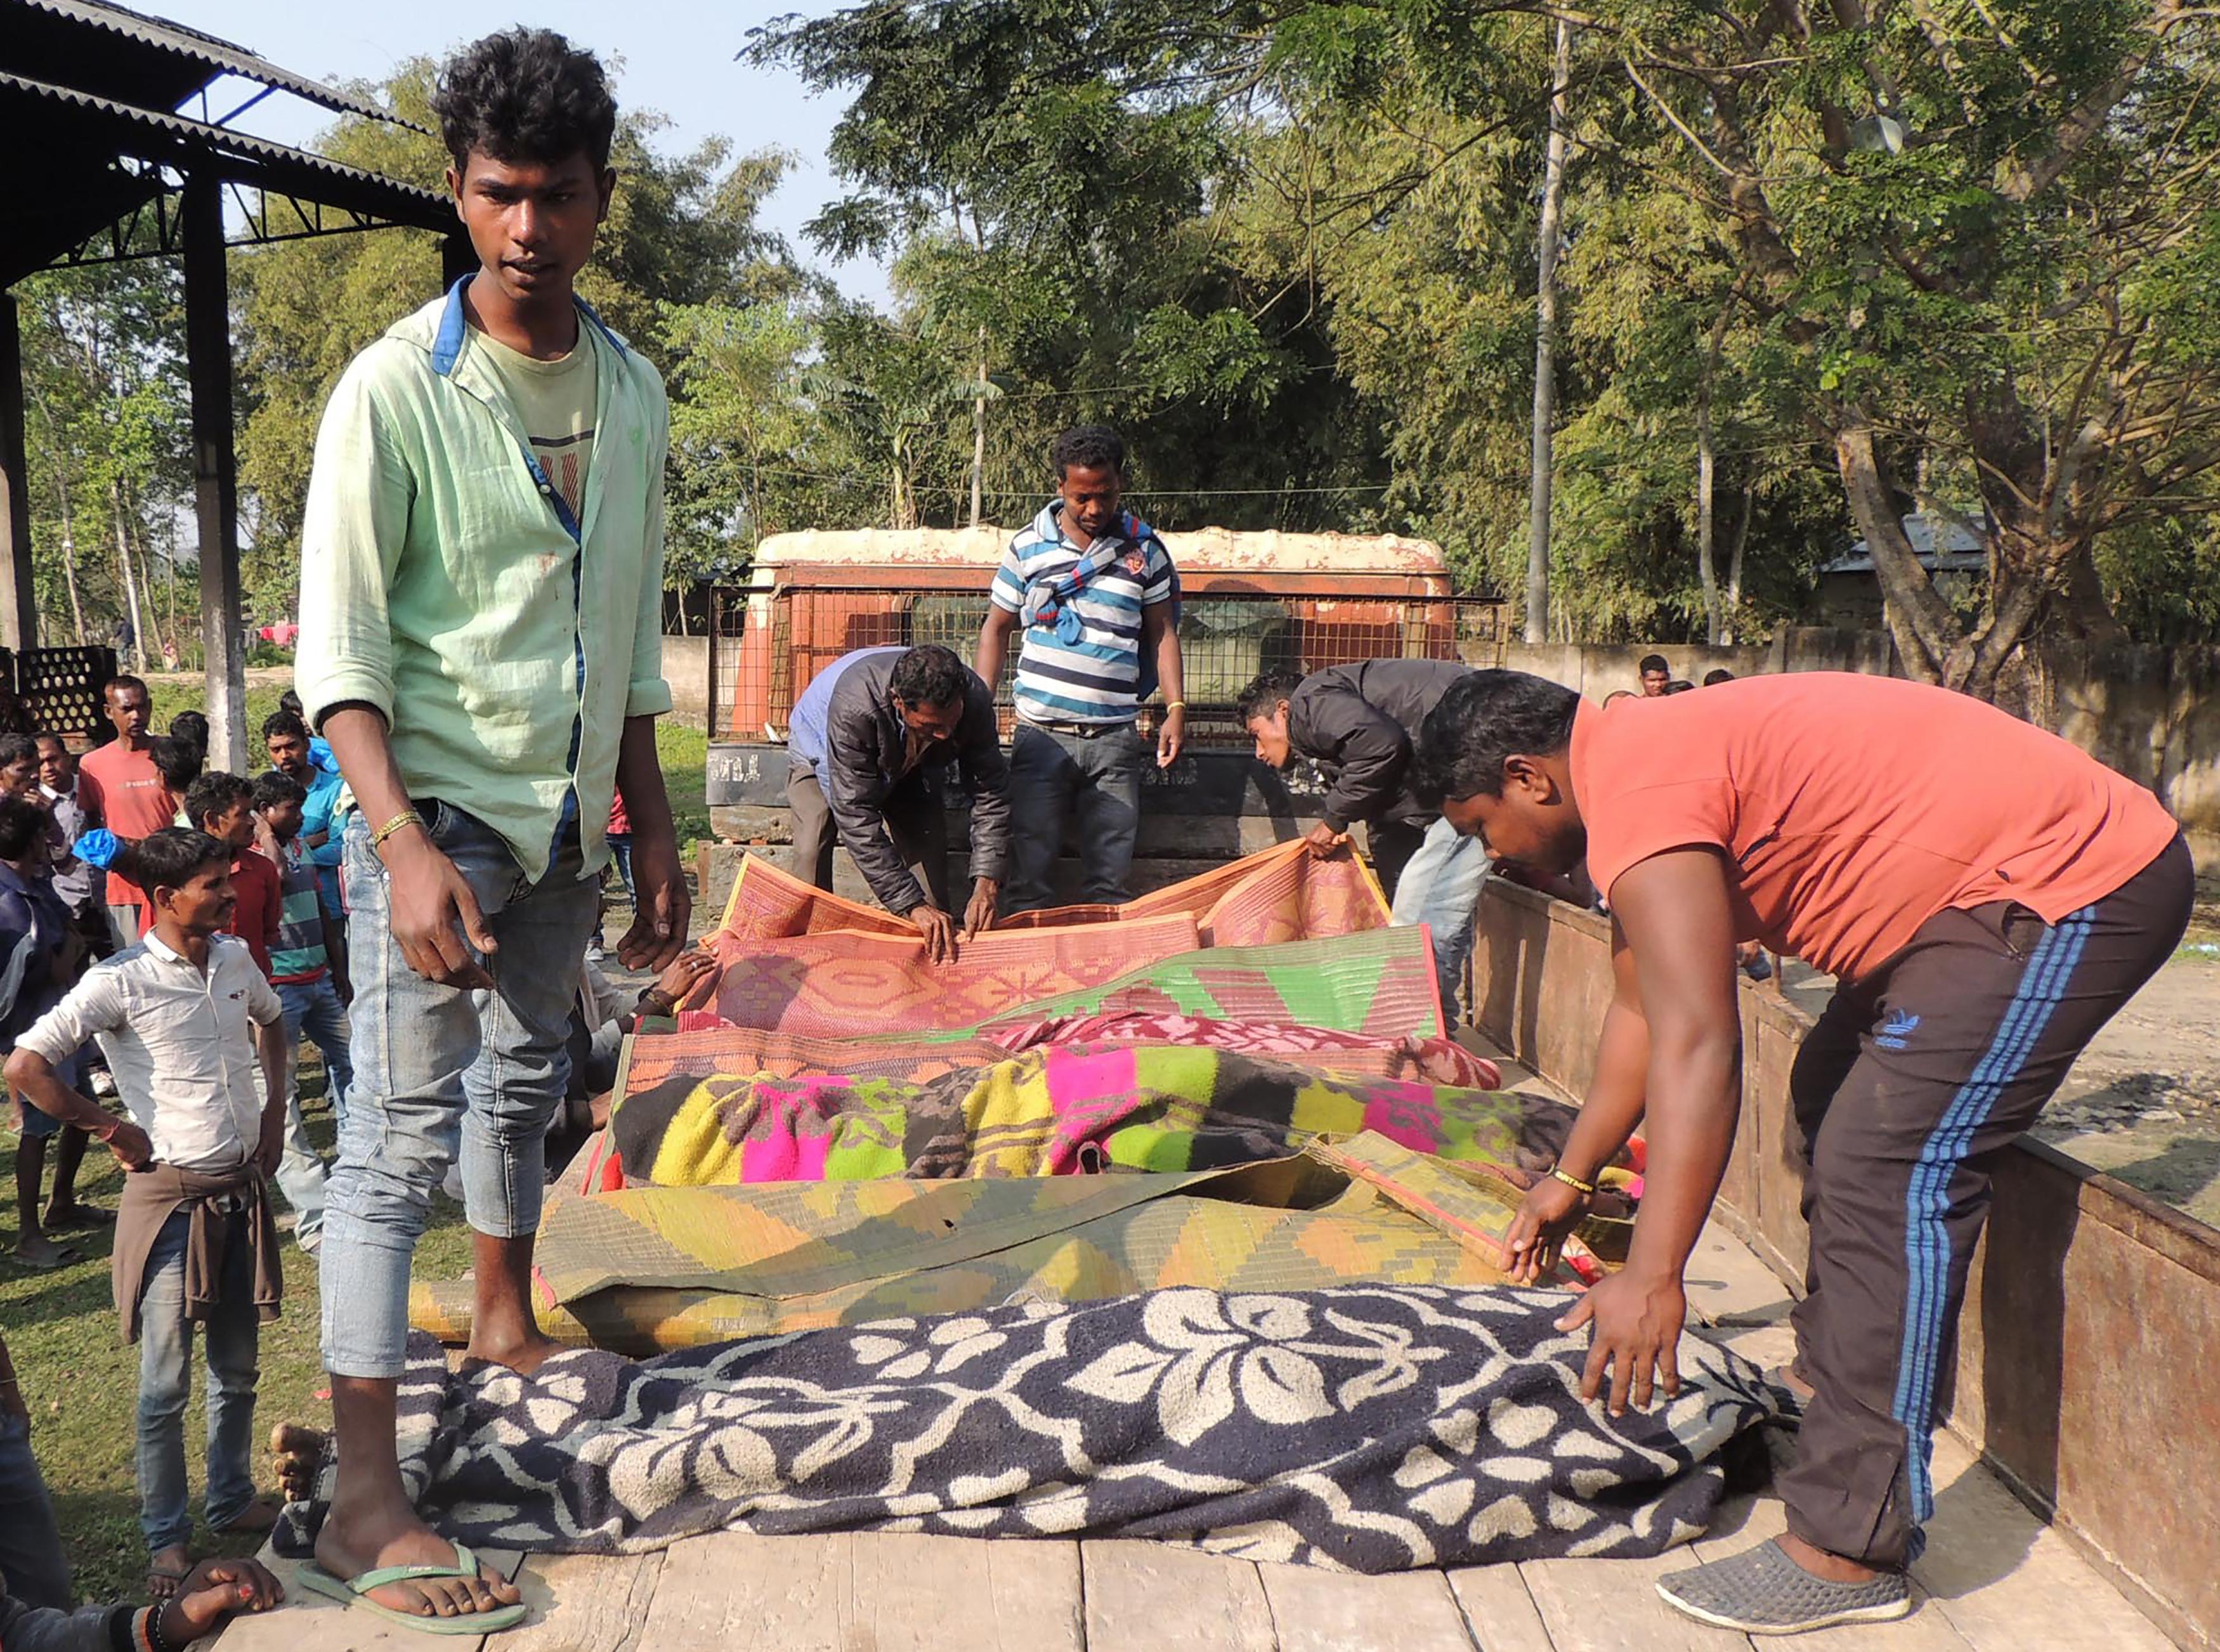 Indiában 84 ember halt meg illegálisan főzött pálinka miatt